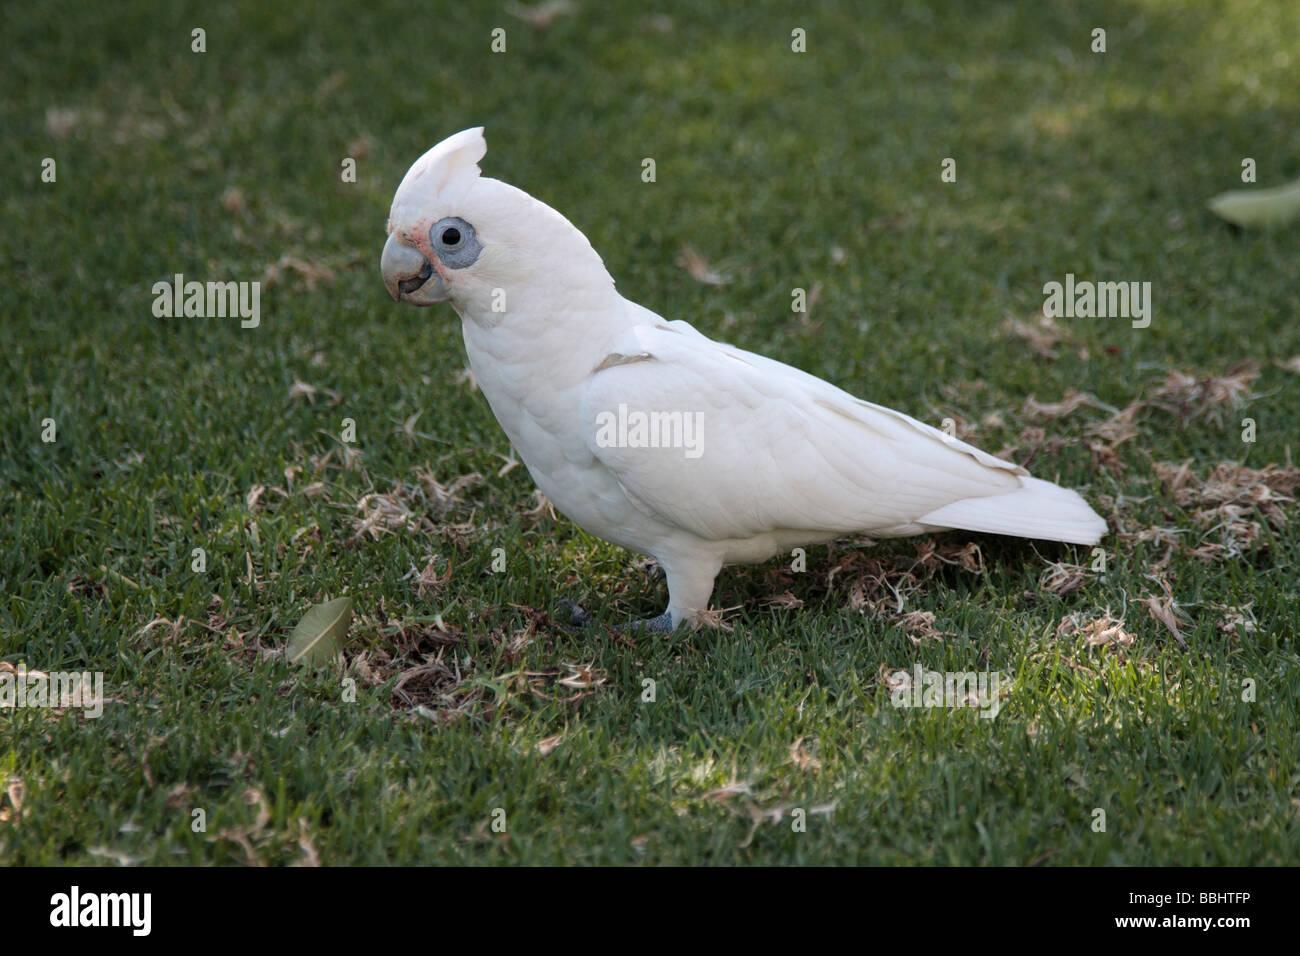 A Little Corella bird in a park in Perth Western Australia - Stock Image